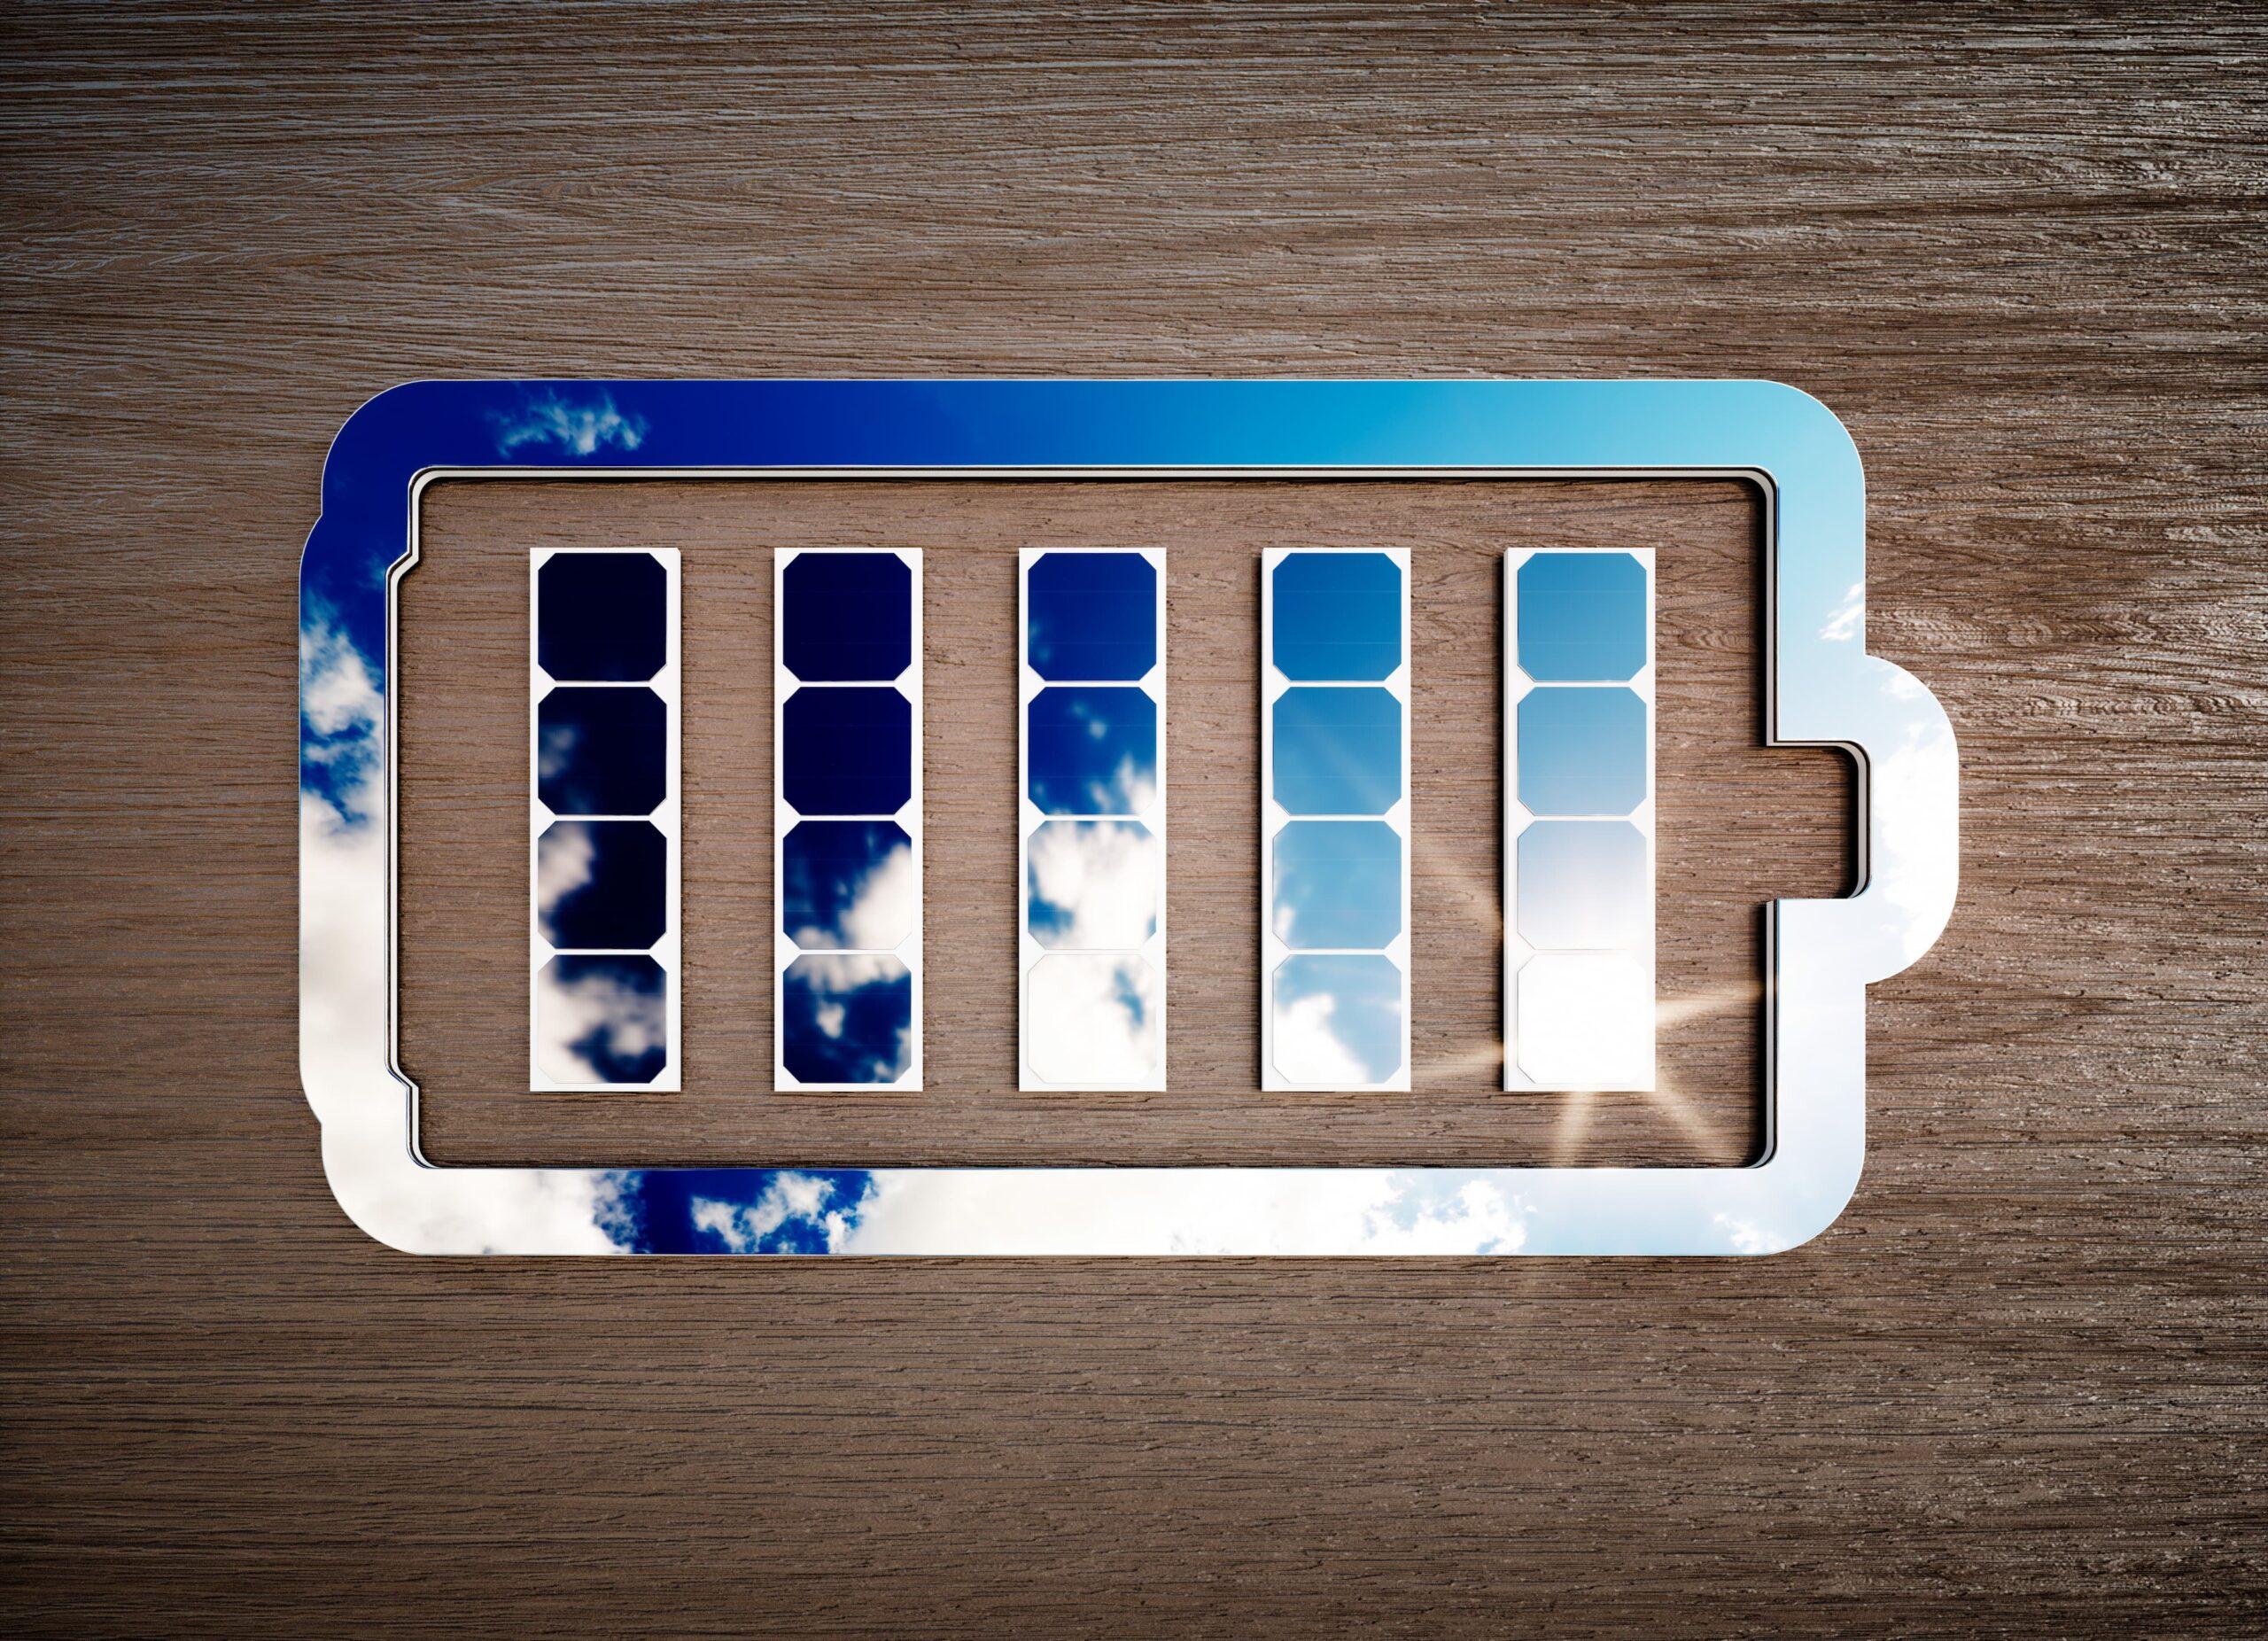 Batterie et stockage de l'énergie solaire